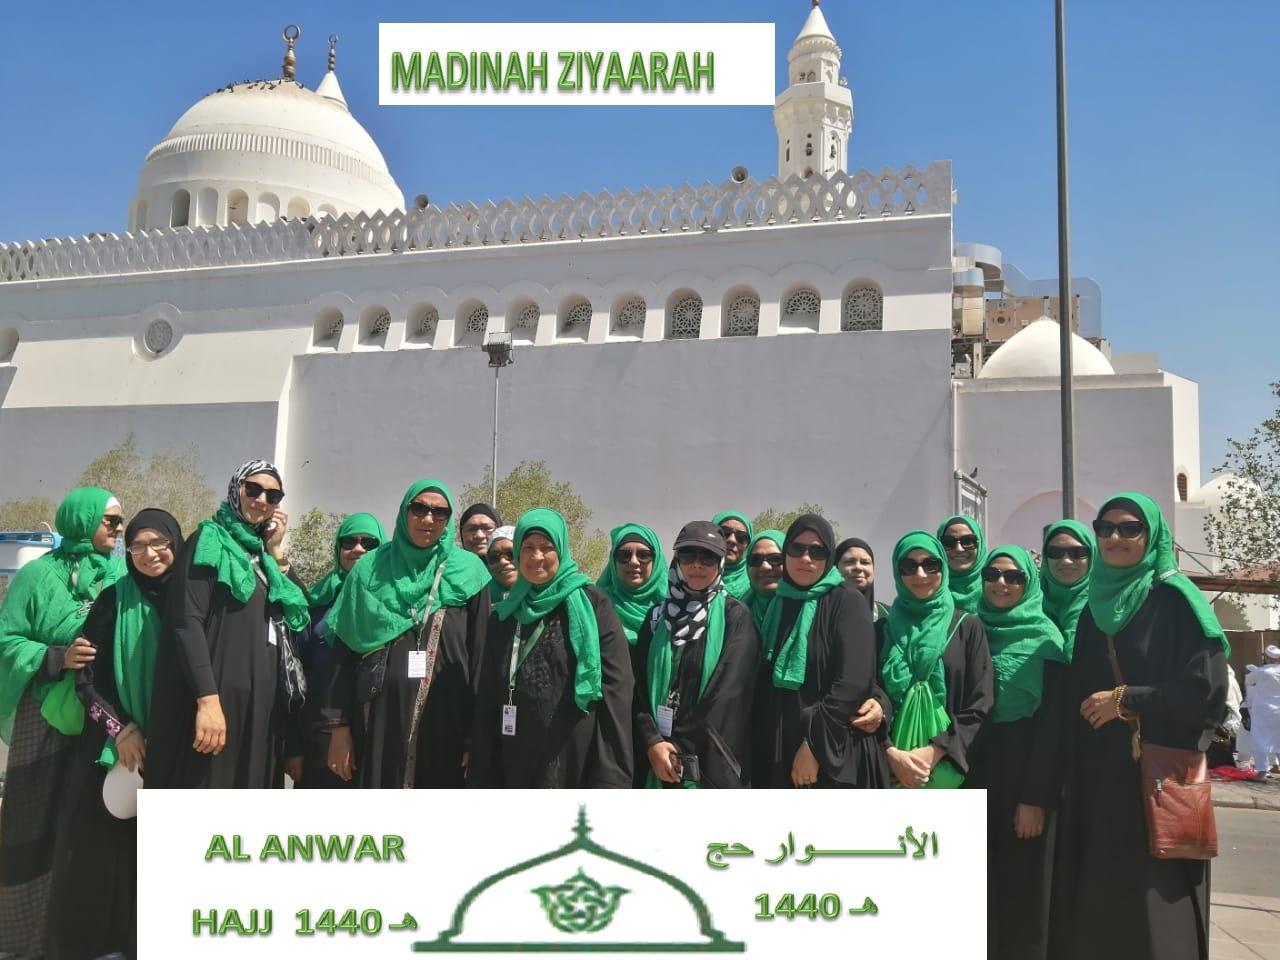 Al Anwar Hajj and Umrah South Africa | Umrah, Ramadan & Hajj